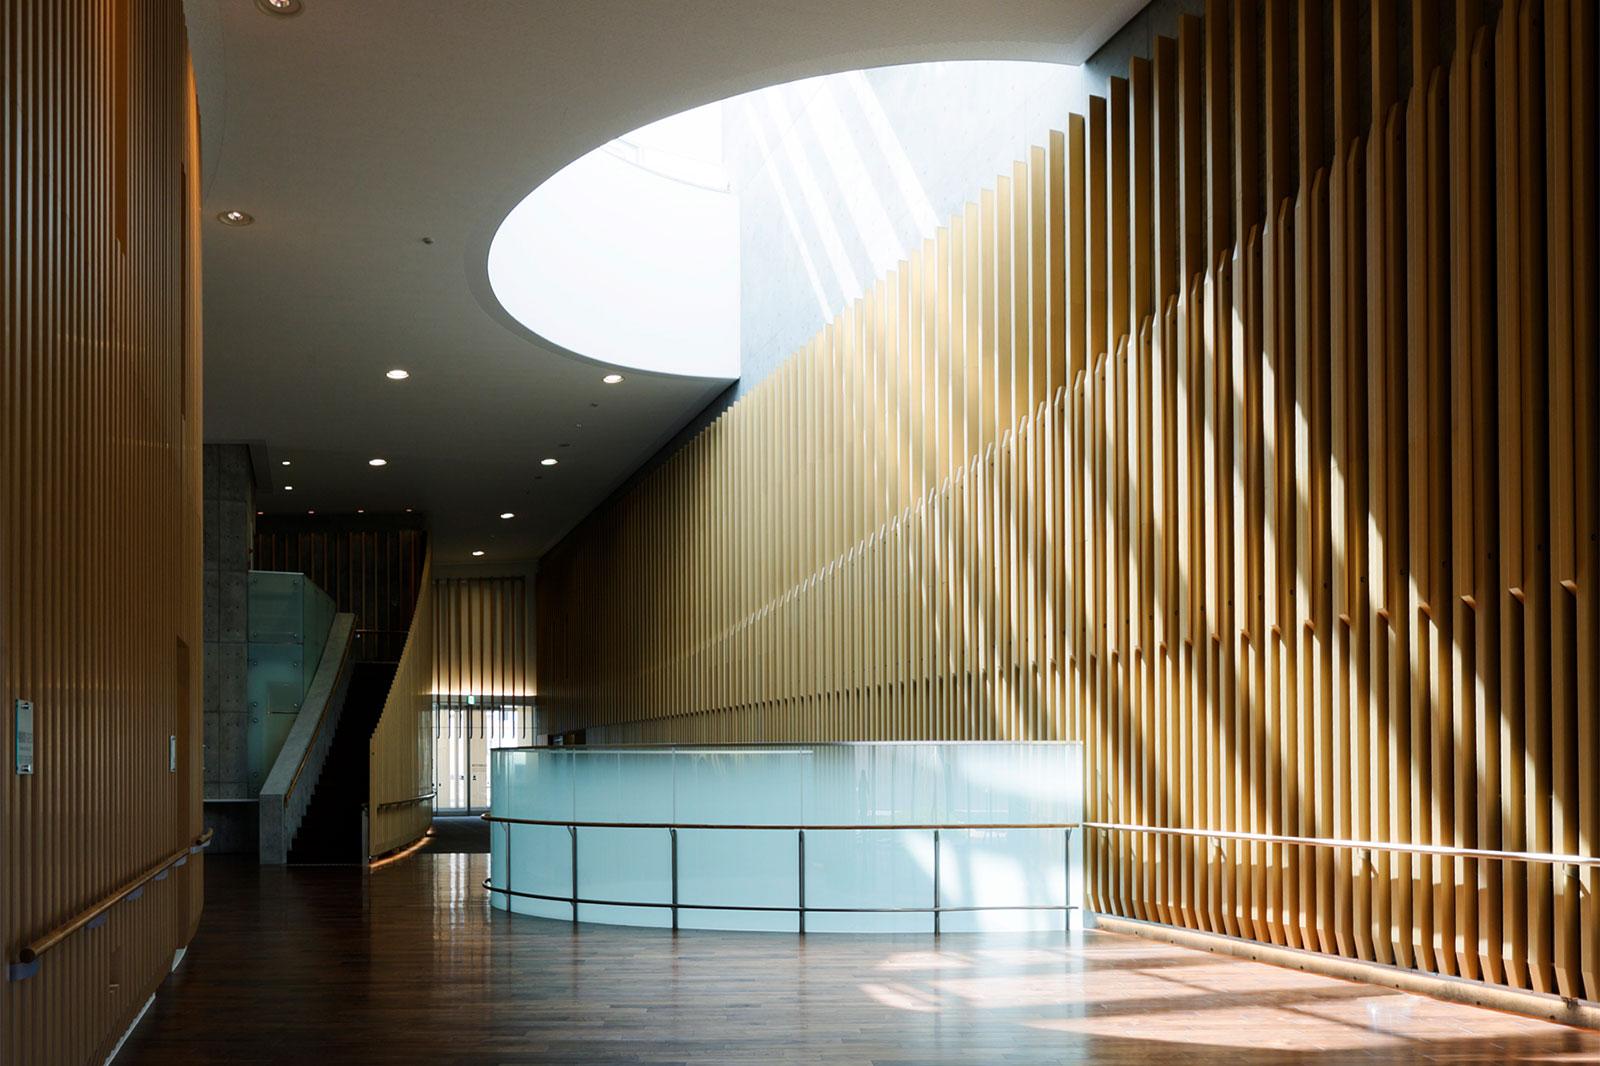 量子科学技術研究開発機構放射線医学総合研究所